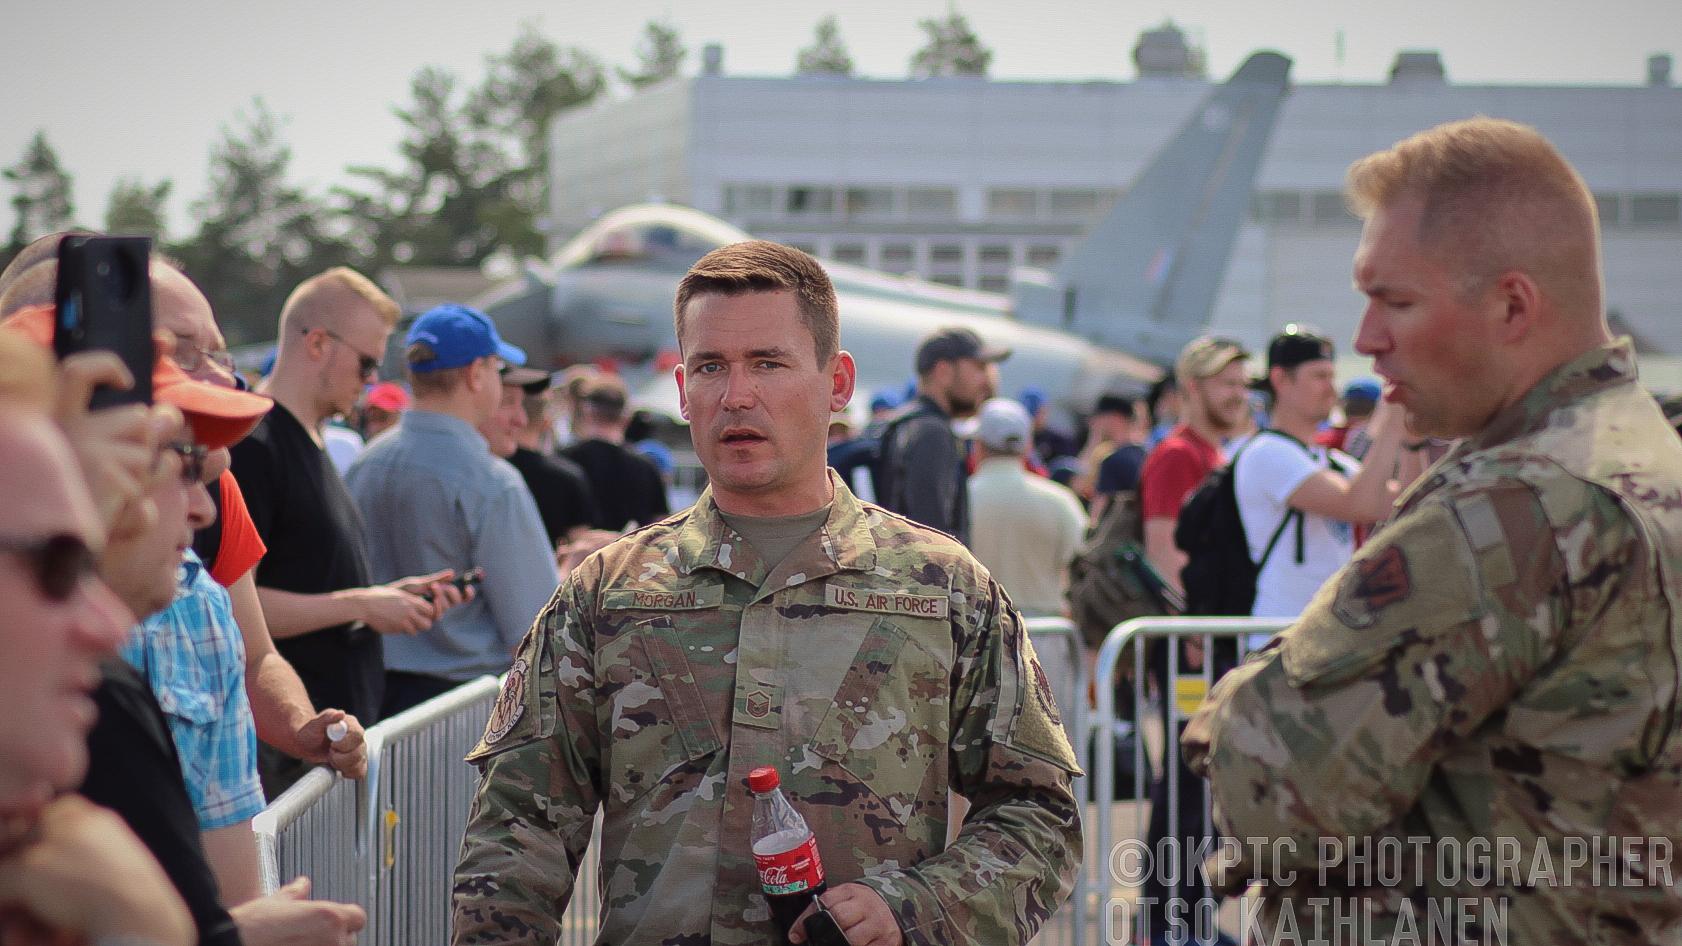 Yhdysvaltain ilmavoimien sotilaita (Turku Airshow 2019)